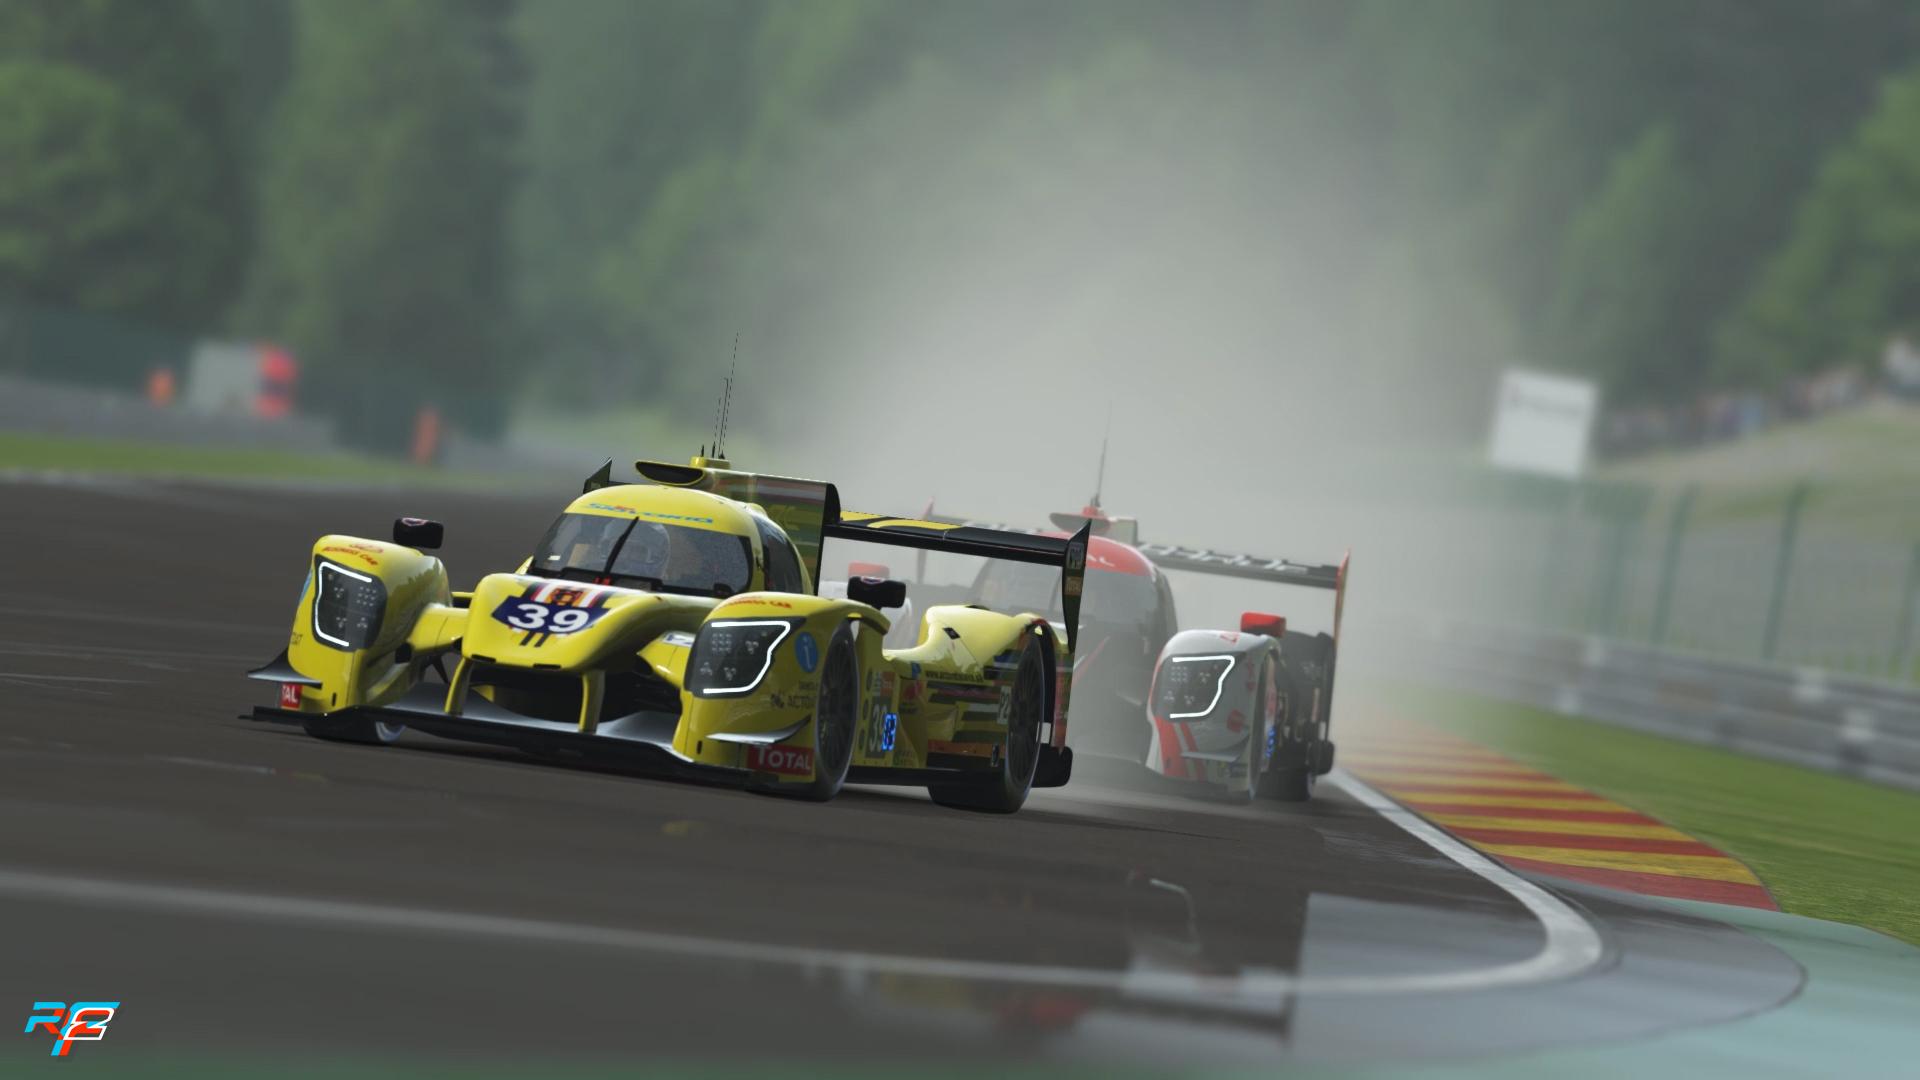 Ligier_LMP2_2020_04.jpg